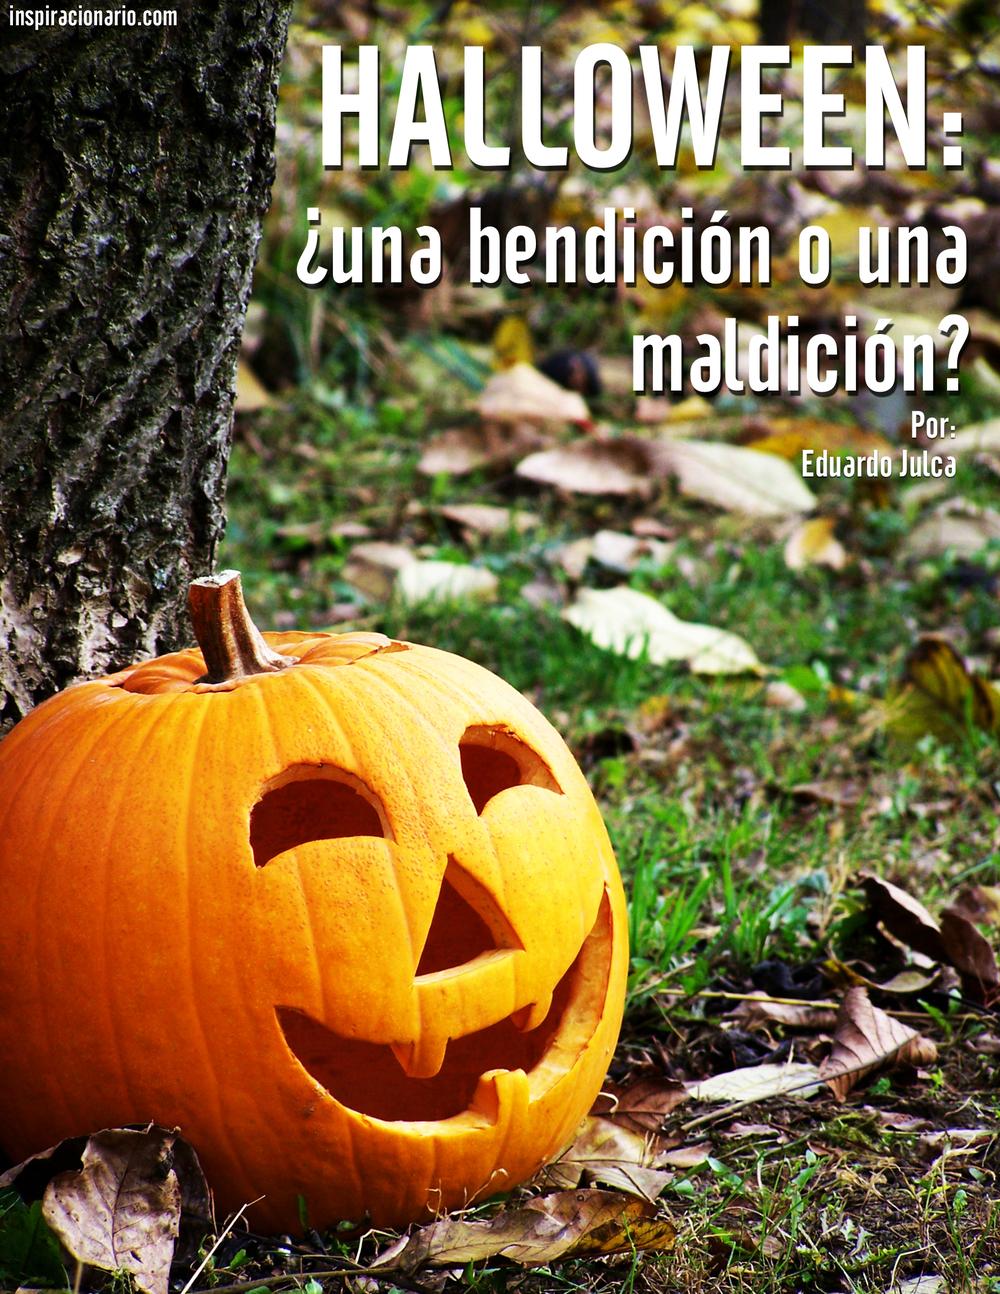 HALLOWEEN BENDICION O MALDICION.jpg